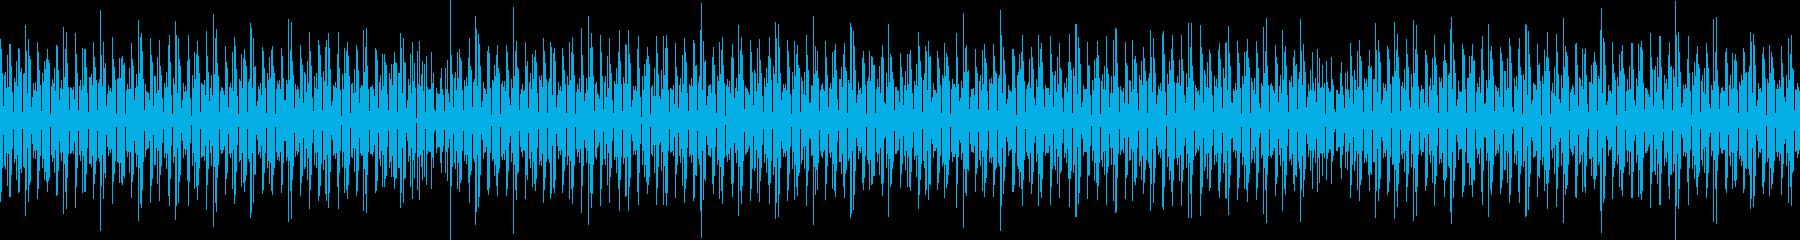 軽薄な感じのBGM4つ打ち ループ仕様の再生済みの波形